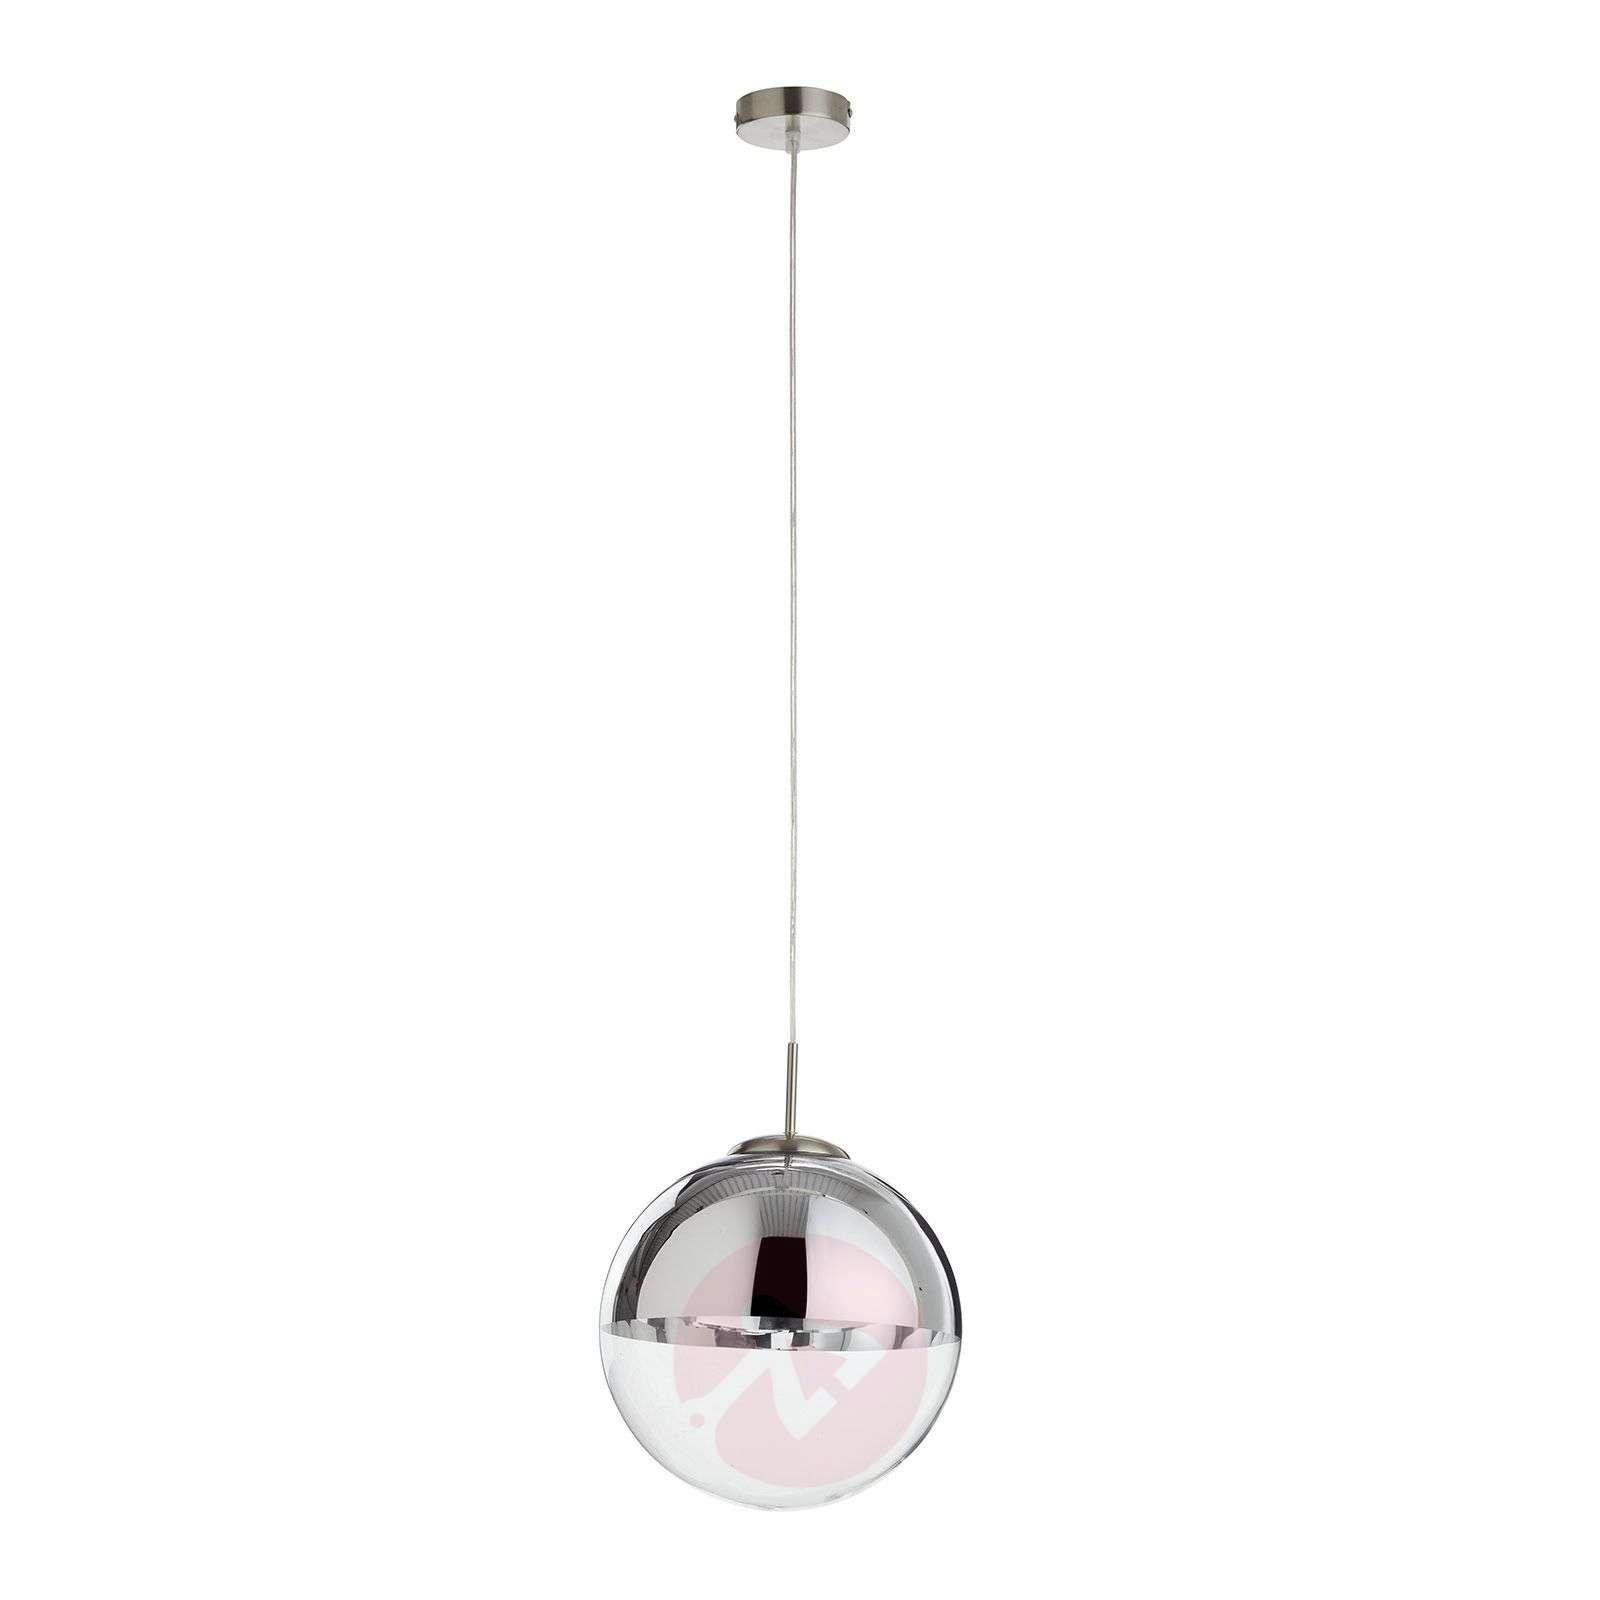 Riippuvalaisin Ravena lasikuulilla, 1-lamppuinen-4018147-02